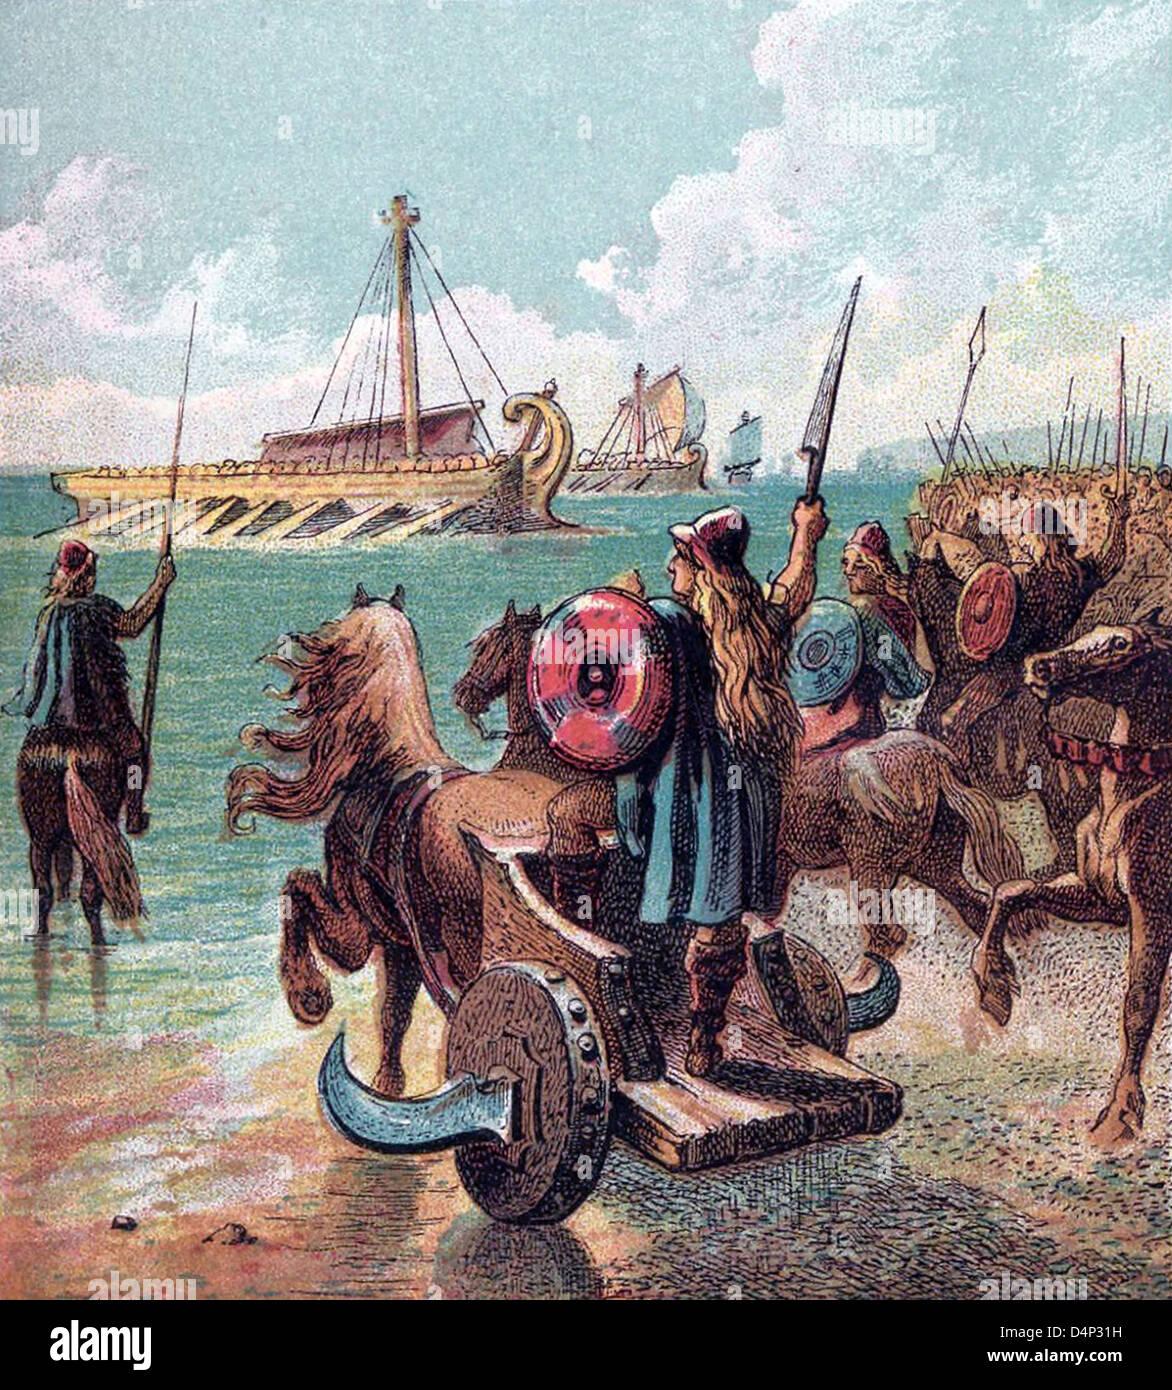 Antica britannici si oppongono il romano degli sbarchi Immagini Stock